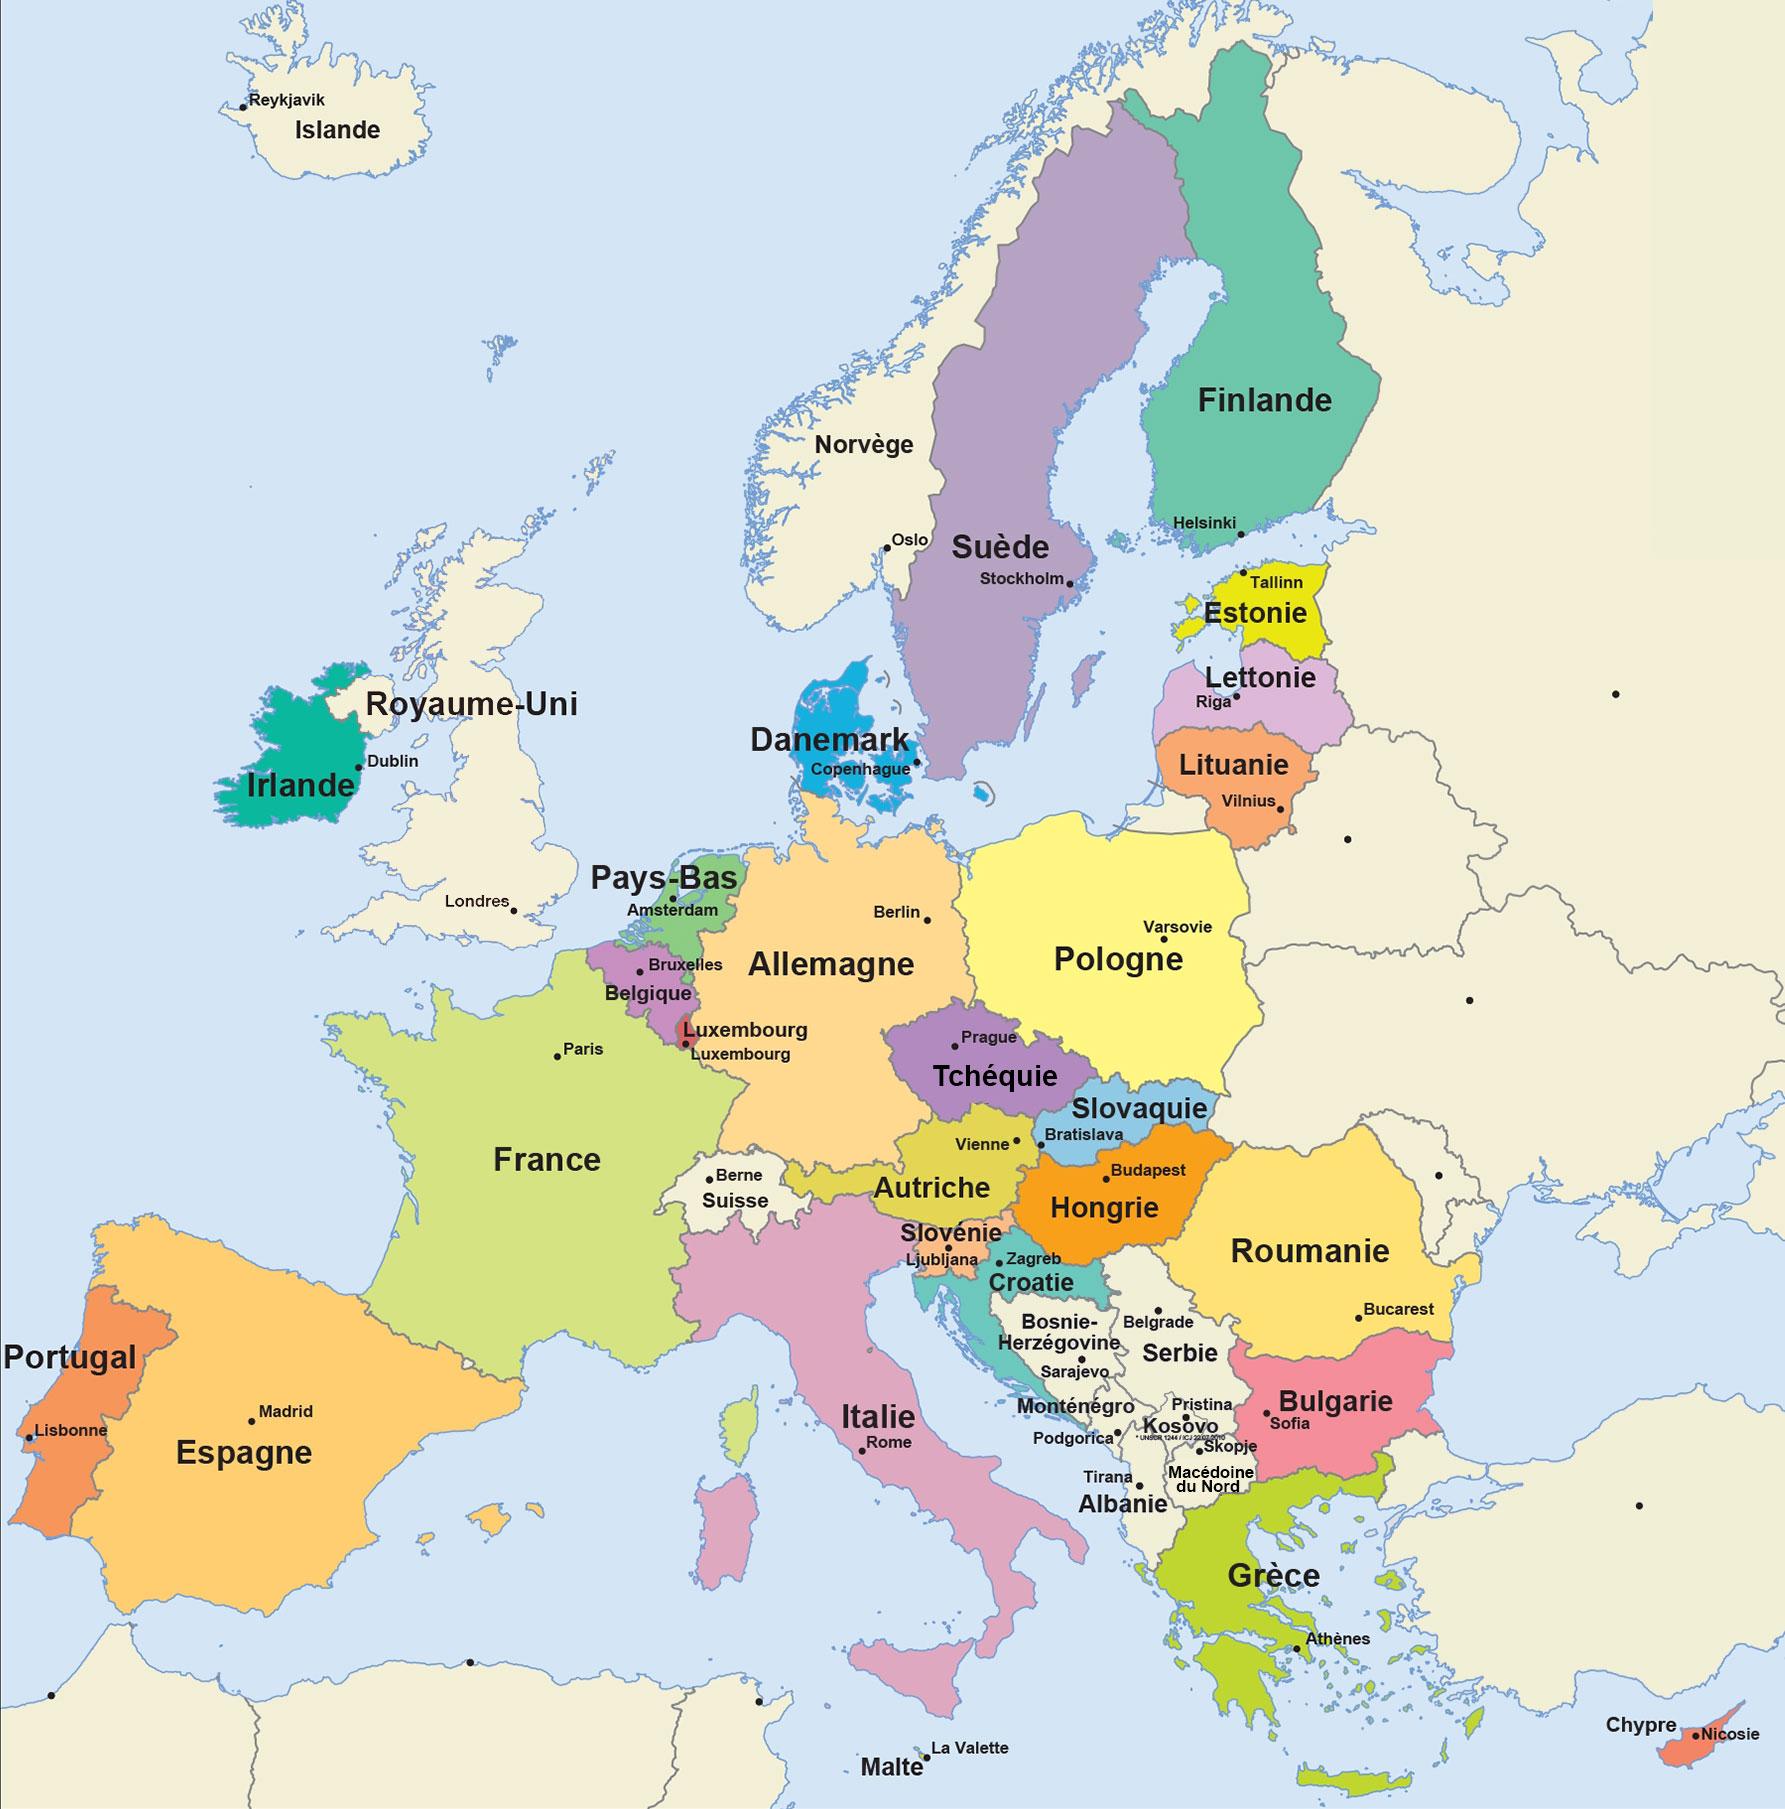 Facile À Lire - L'union Européenne | Union Européenne à La Carte De L Union Européenne